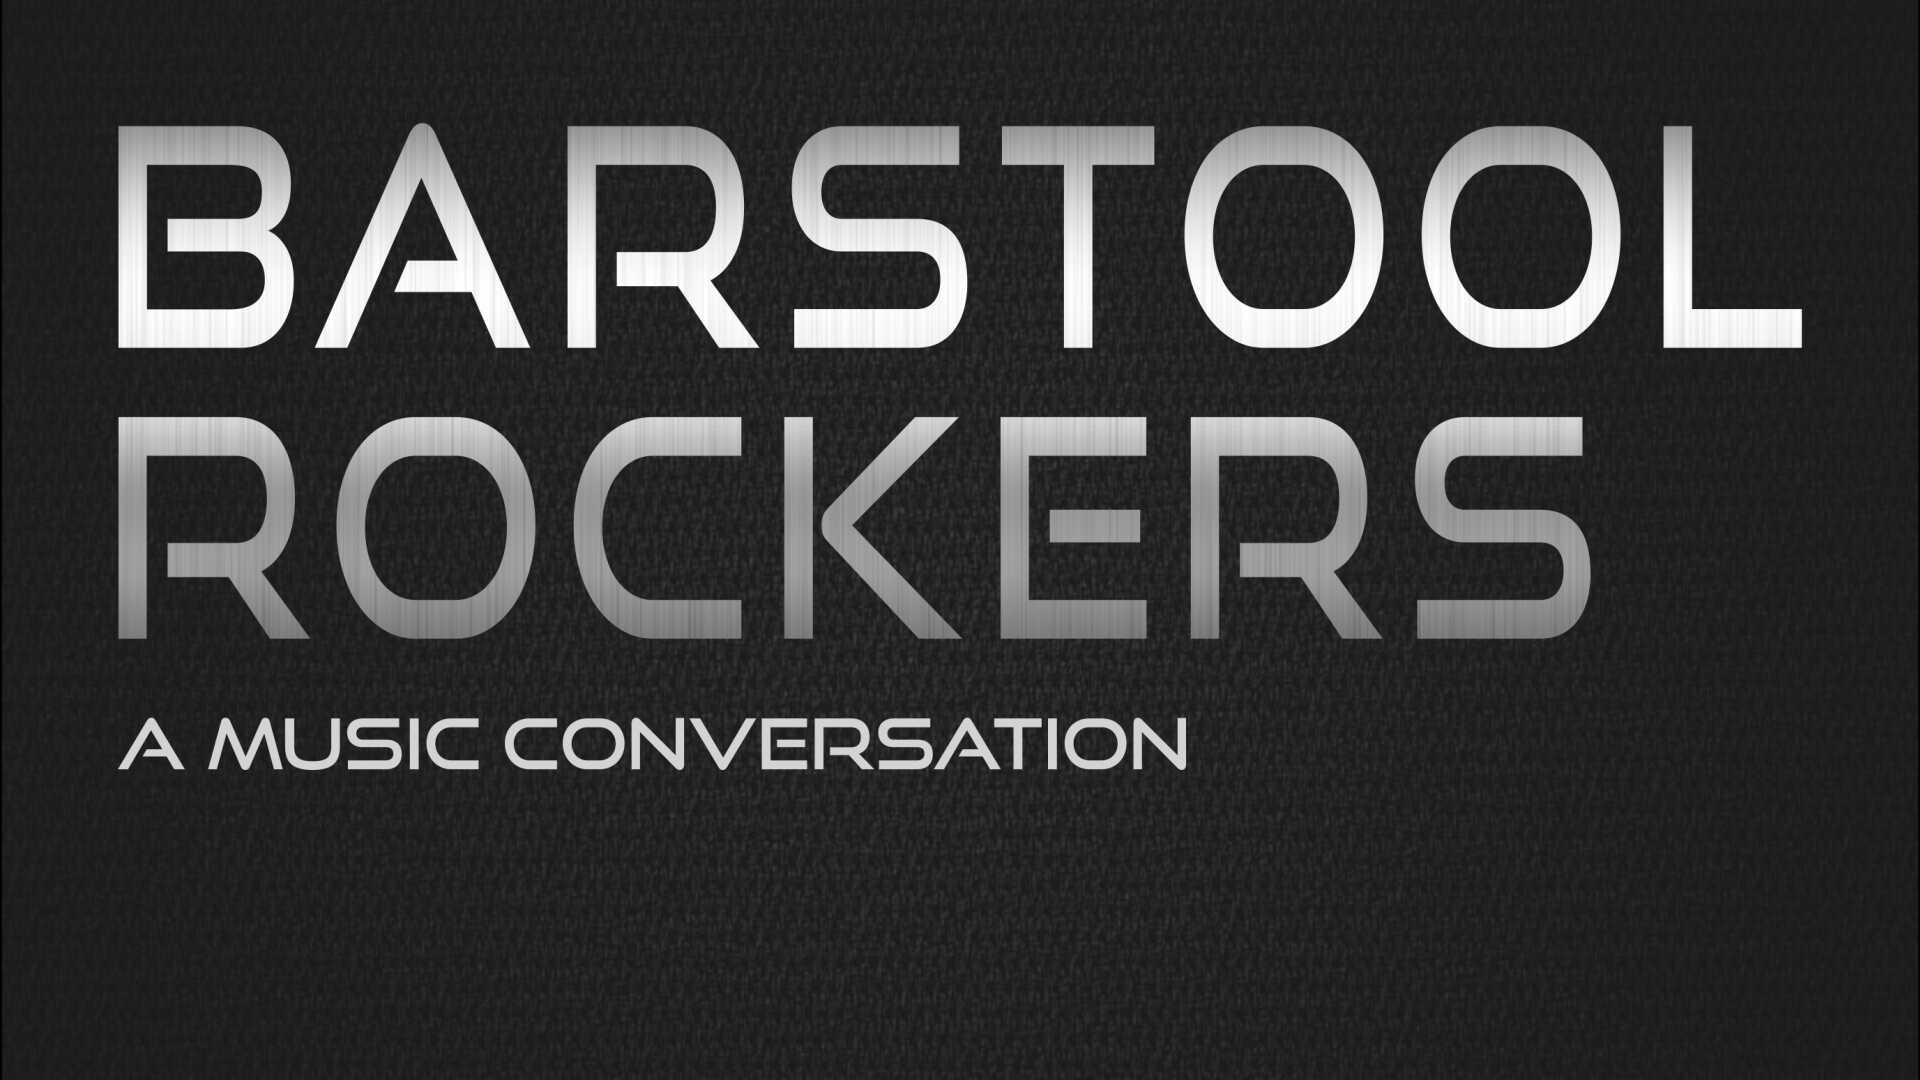 Barstool Rockers Podcast Art RELAUNCH x1920.jpg